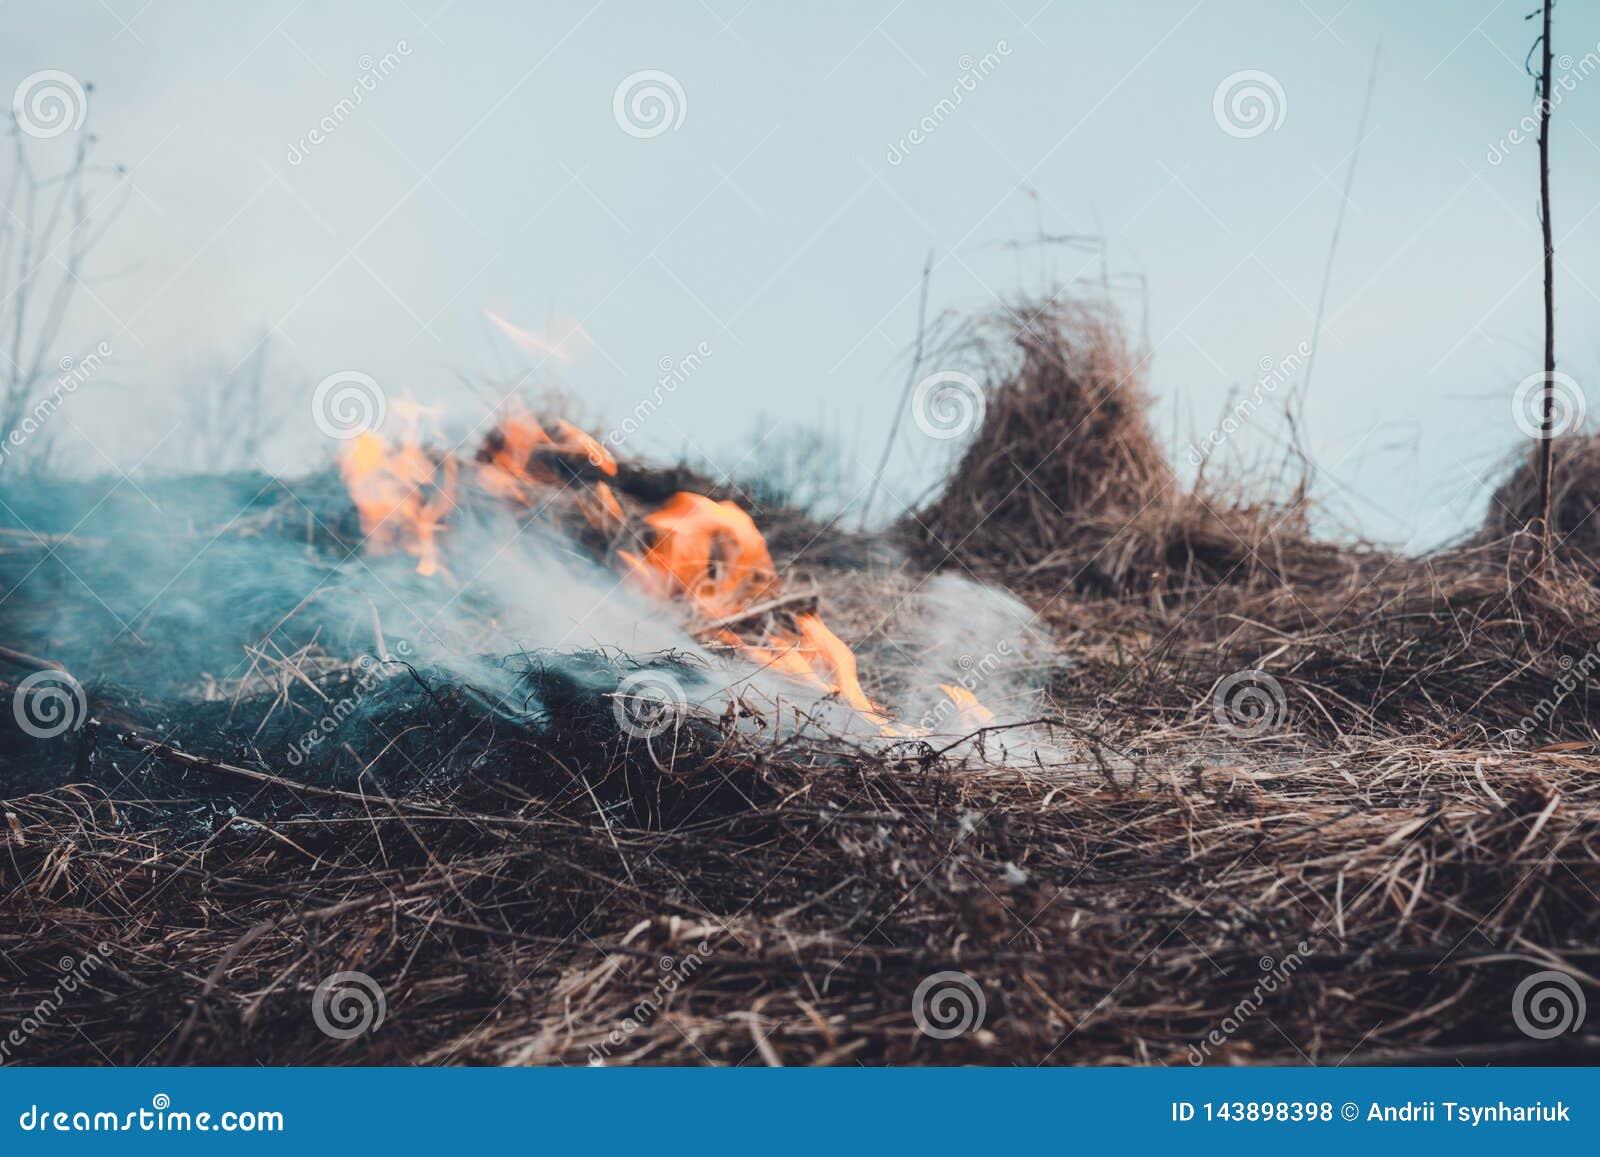 Trawa pali ogień z czego niszczy everything w swój ścieżce